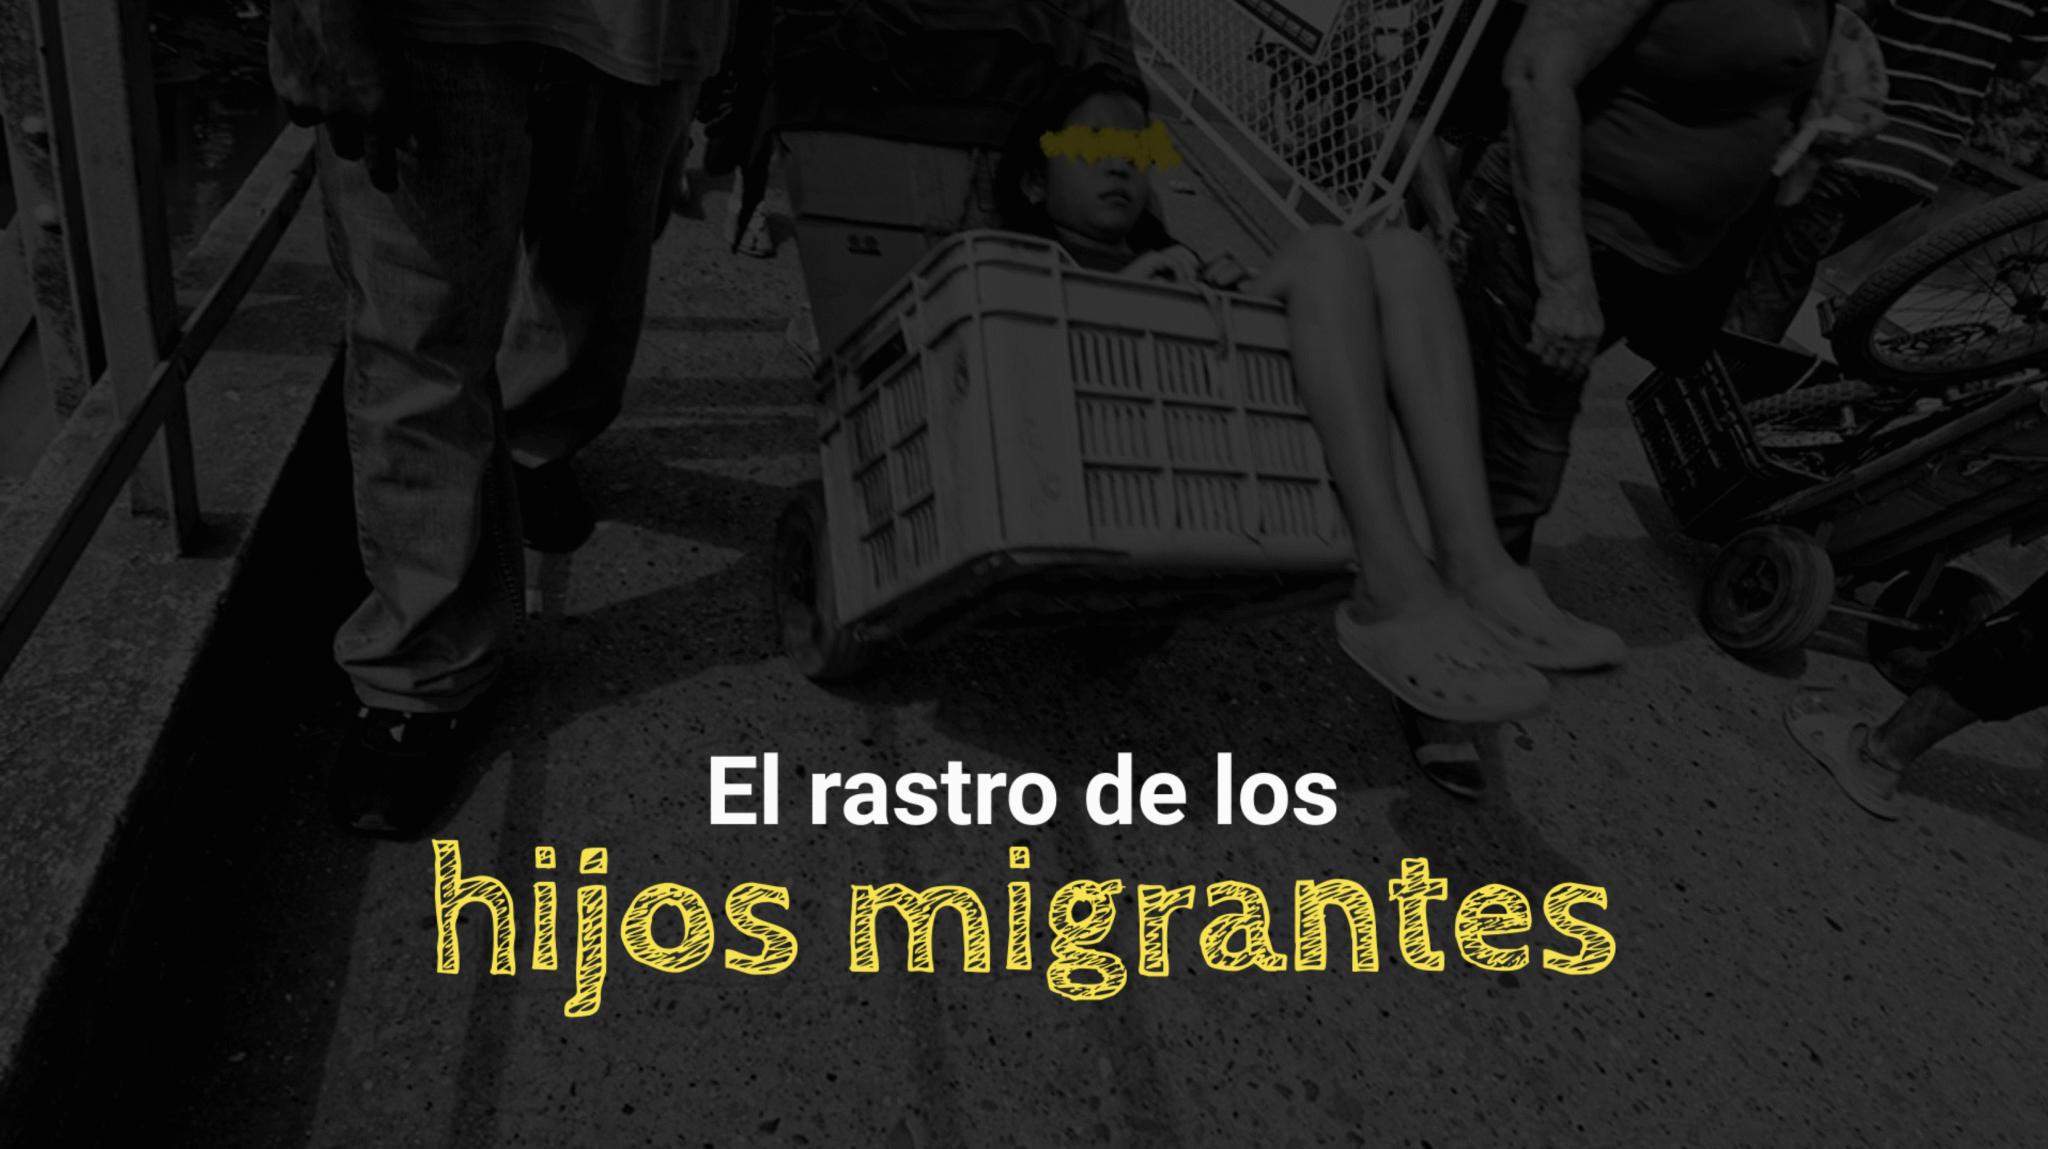 Hijos Migrantes, proycto colaborativo